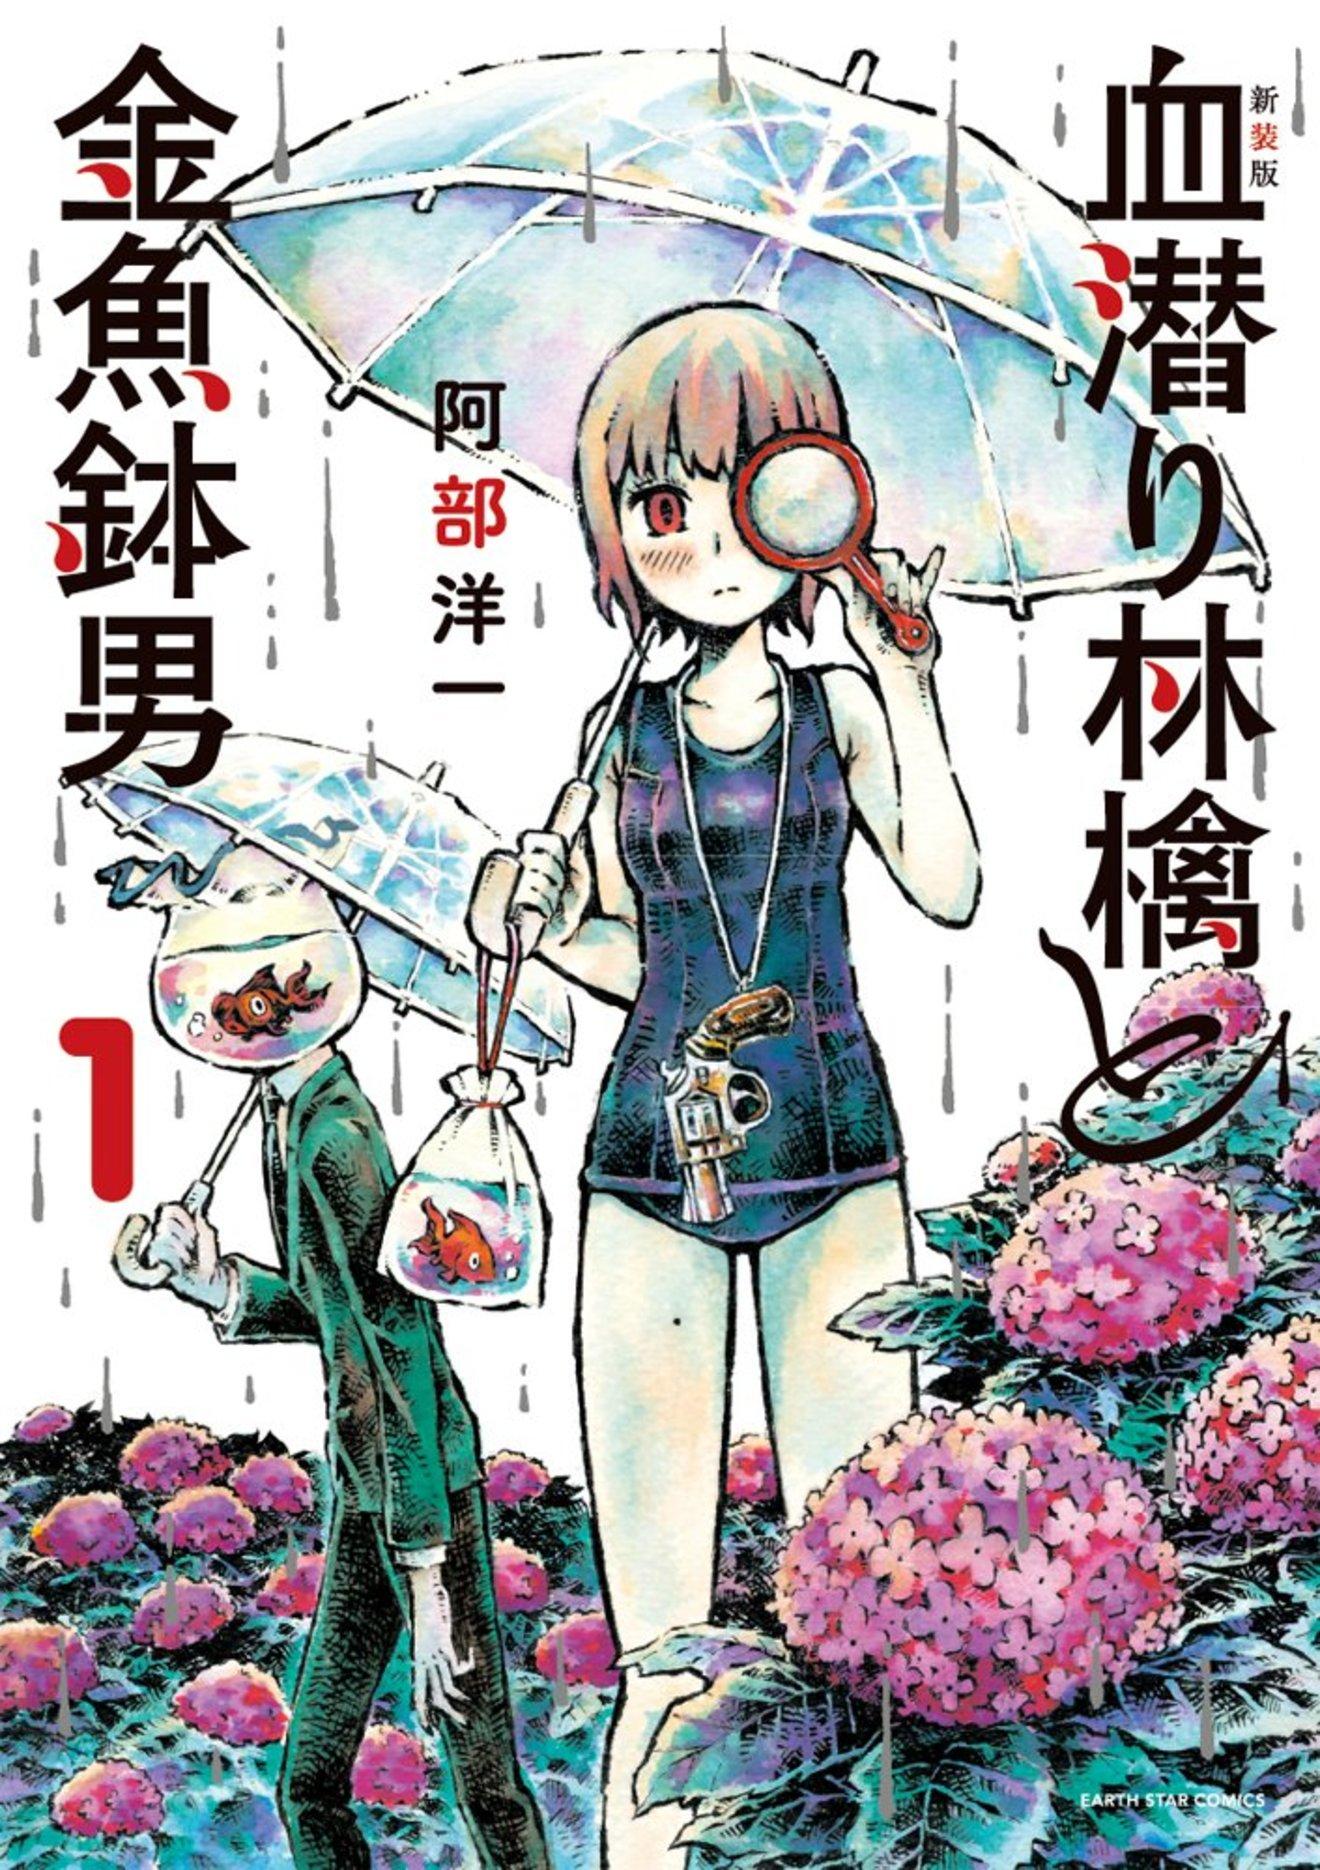 阿部洋一『血潜り林檎と金魚鉢男』が面白い!スク水少女が世界を「すくう」?